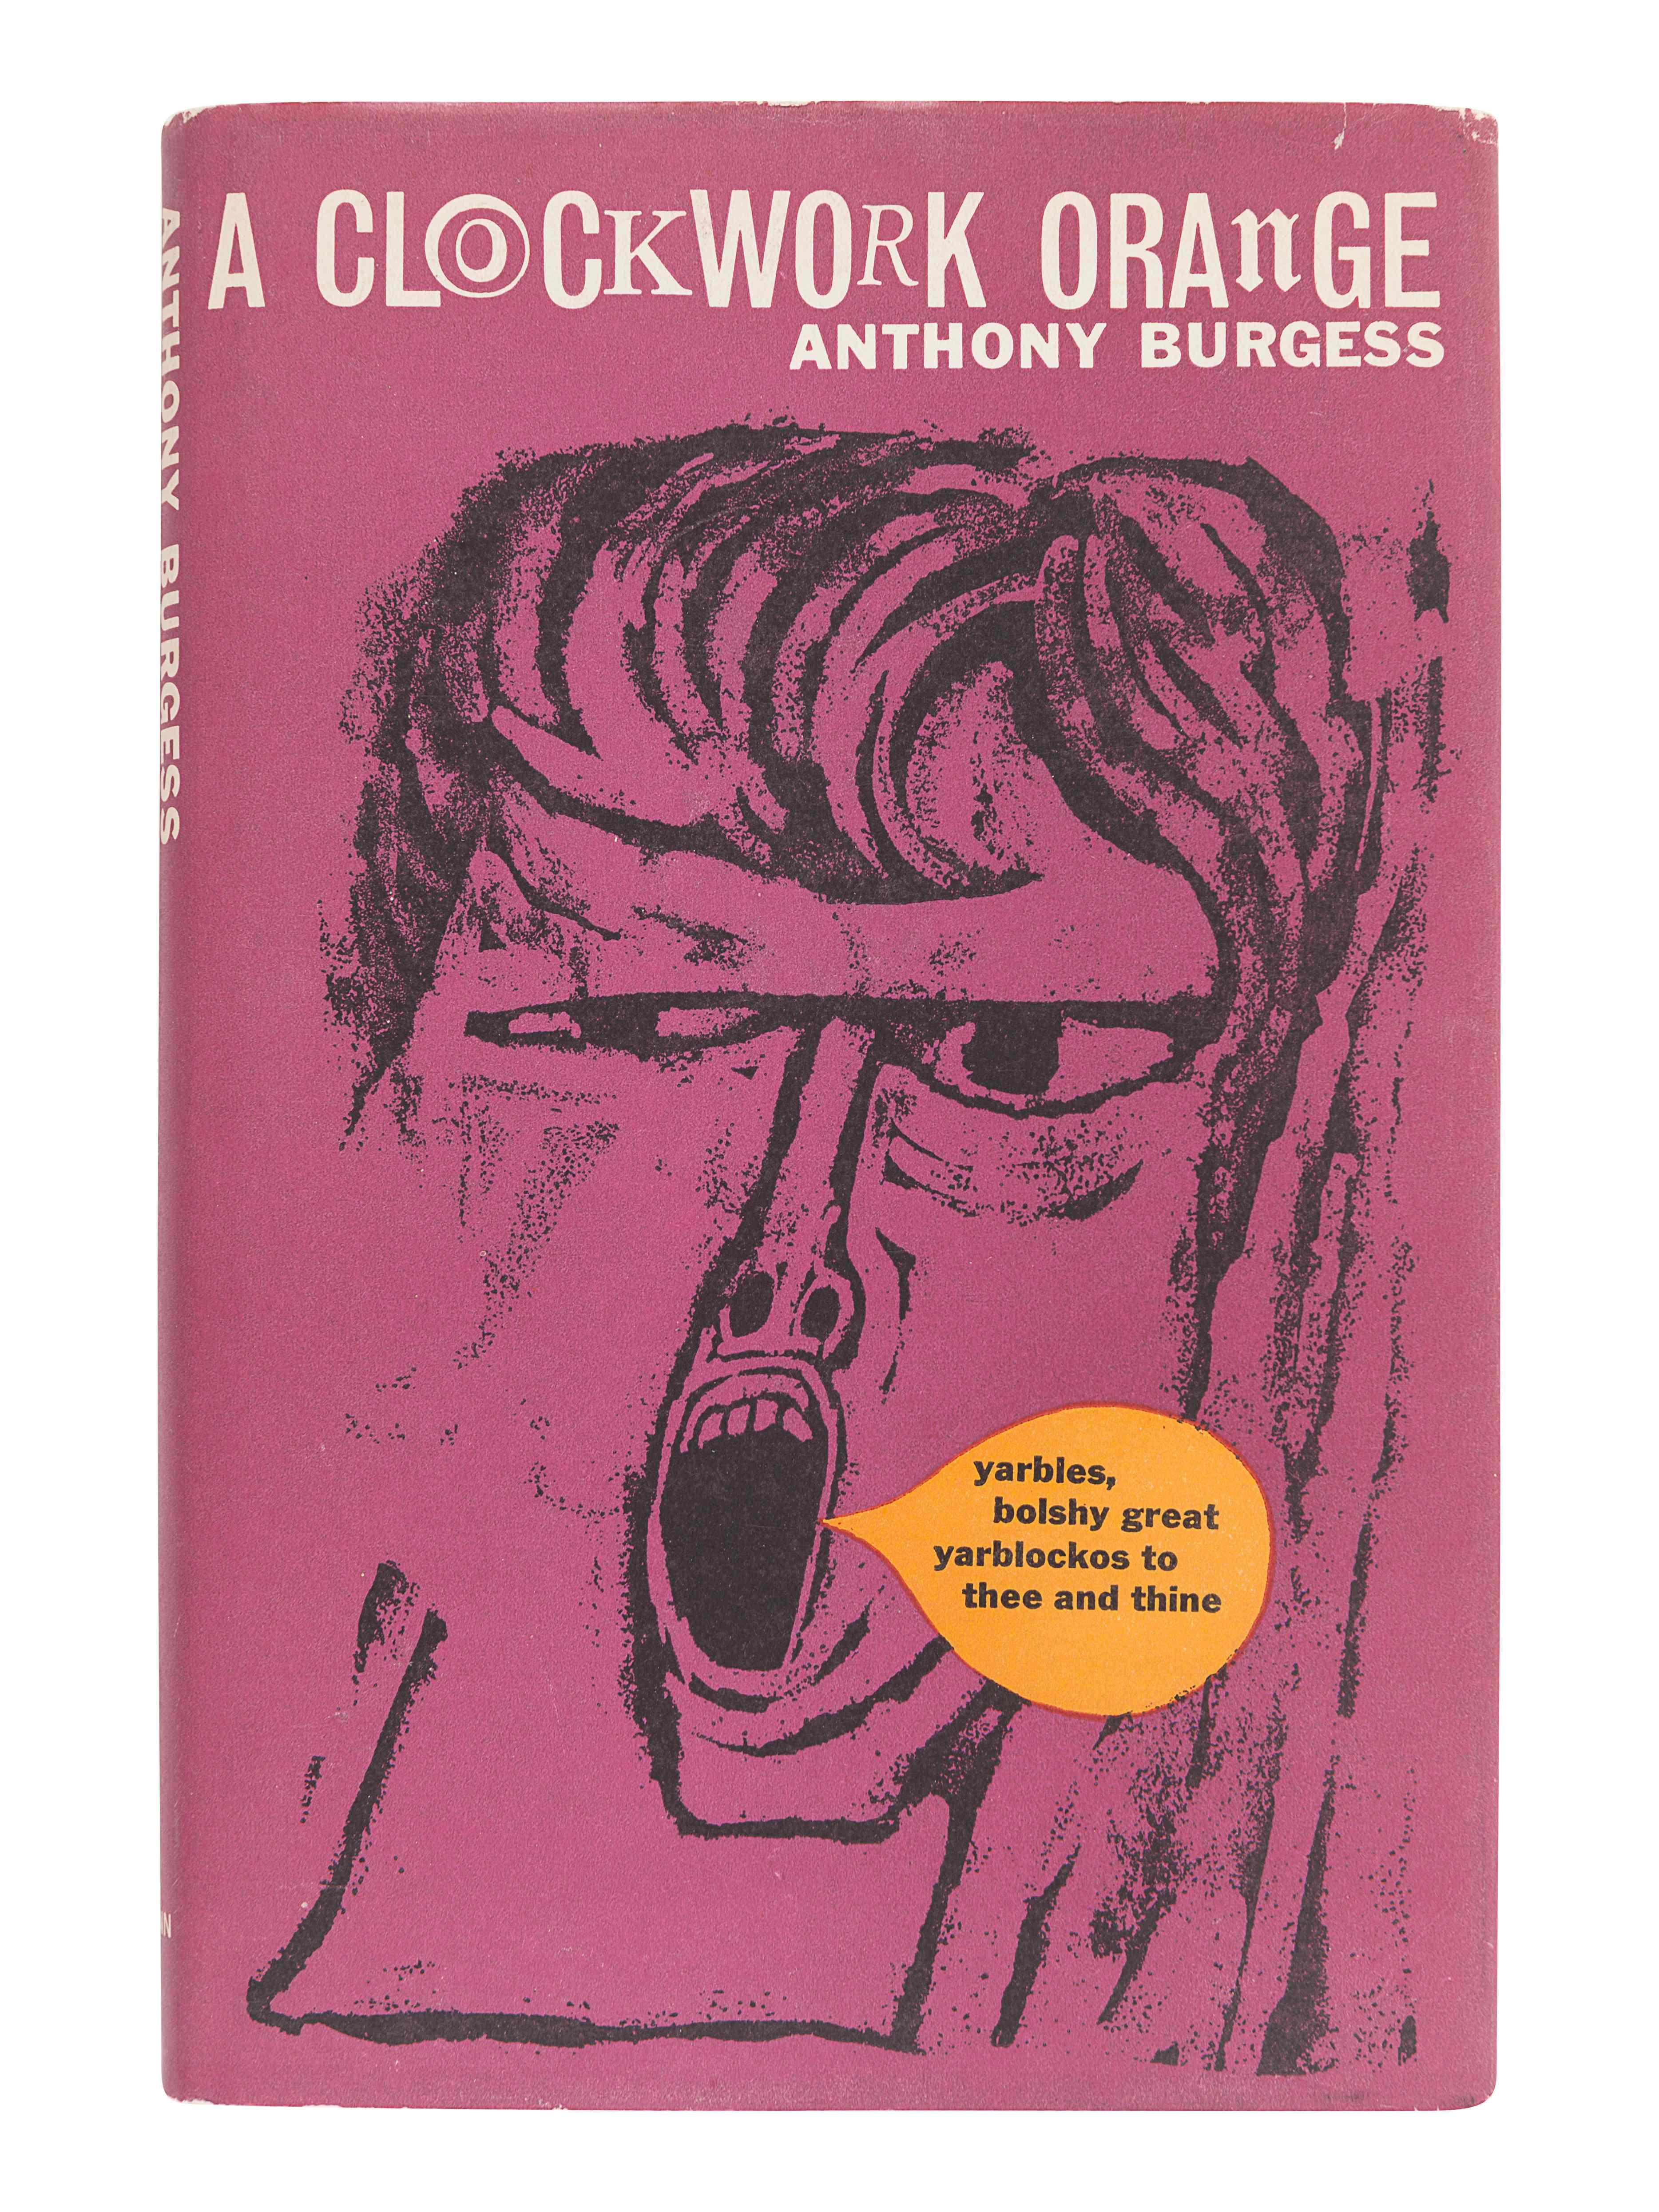 BURGESS, Anthony (1917-1993). A Clockwork Orange. London: Heinemann, 1962.